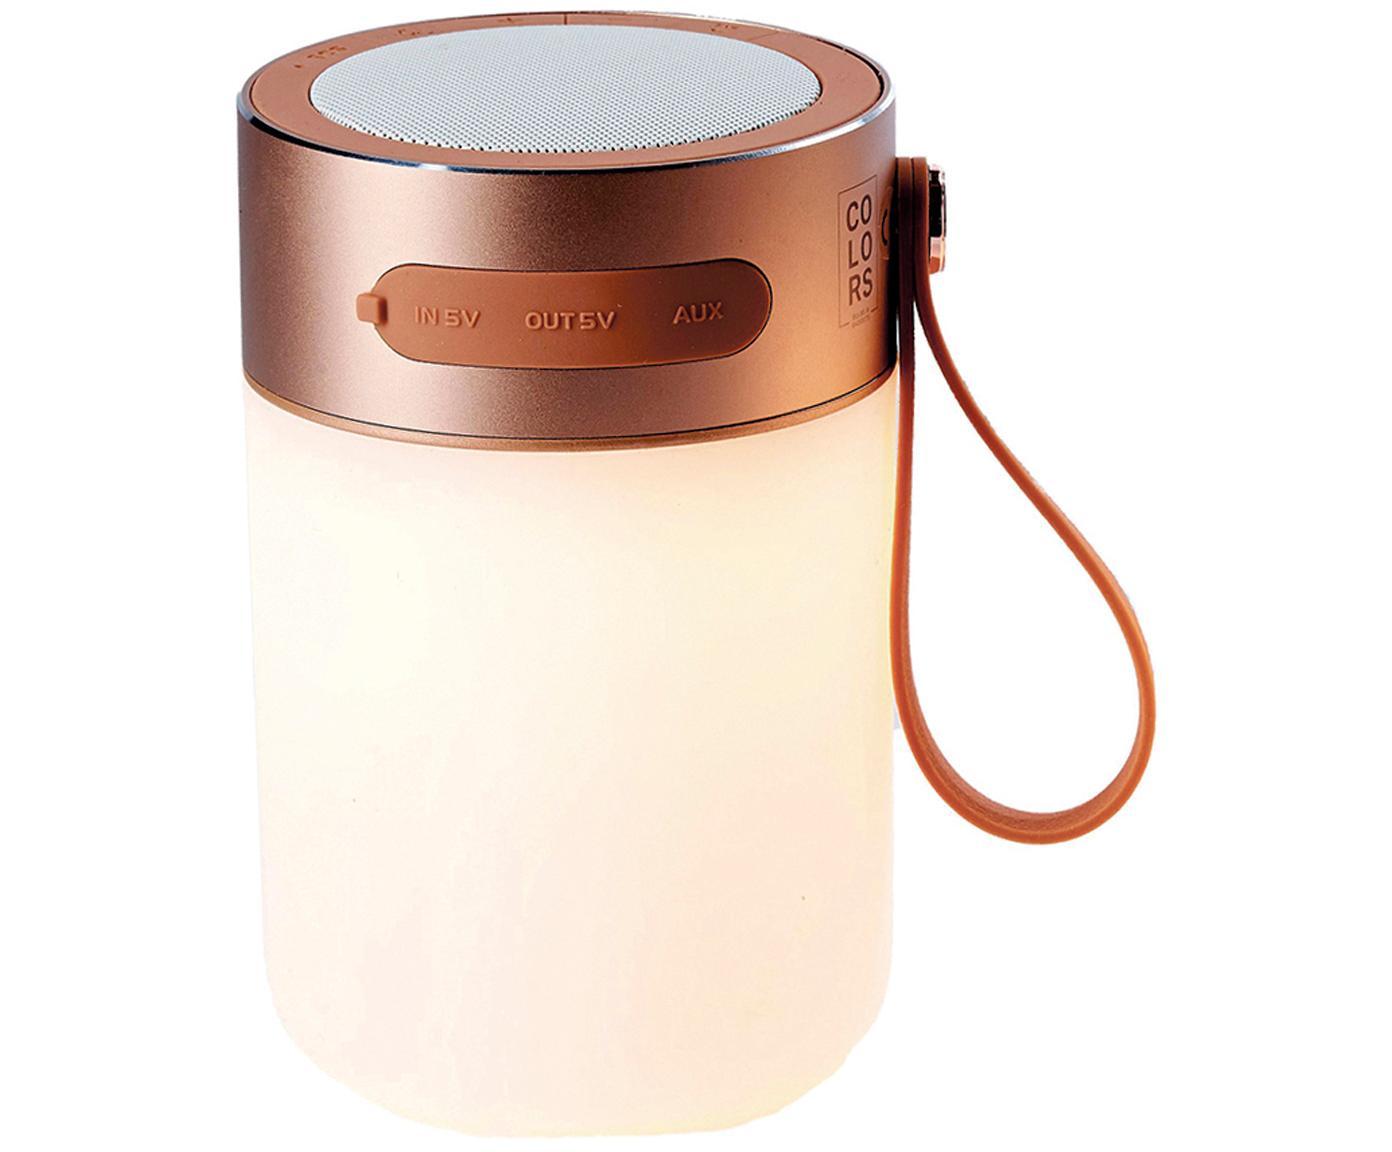 Mobile LED Außenleuchte mit Lautsprecher Sound Jar, Gehäuse: Metall, Lampenschirm: Kunststoff, Kupferfarben, Weiß, Ø 9 x H 14 cm